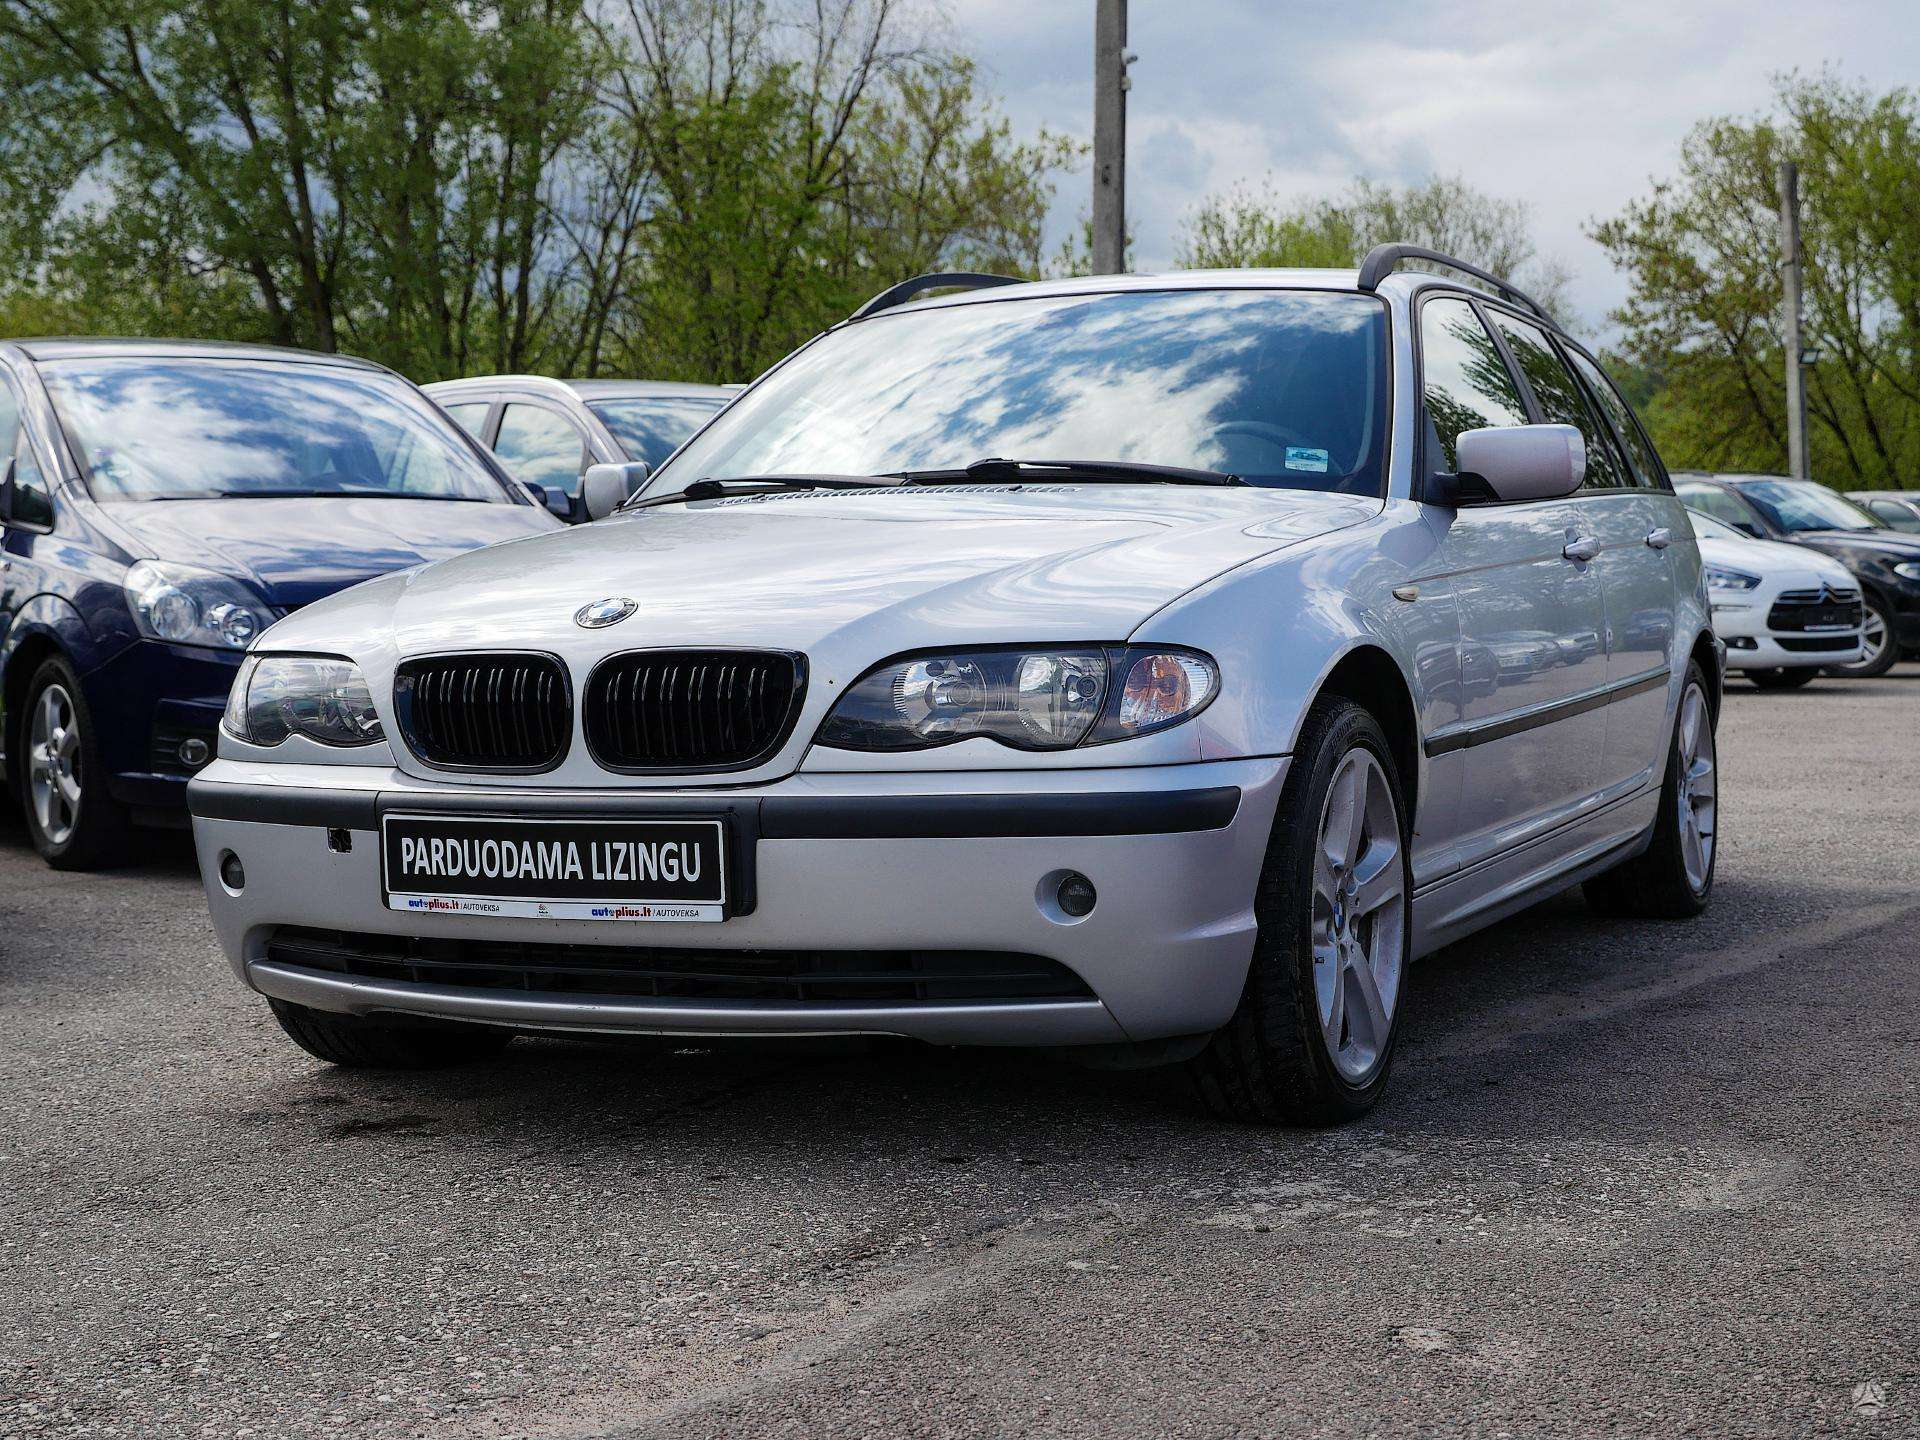 BMW 320 išsimokėtinai nuo 66Eur/Mėn su 3 mėnesių garantija